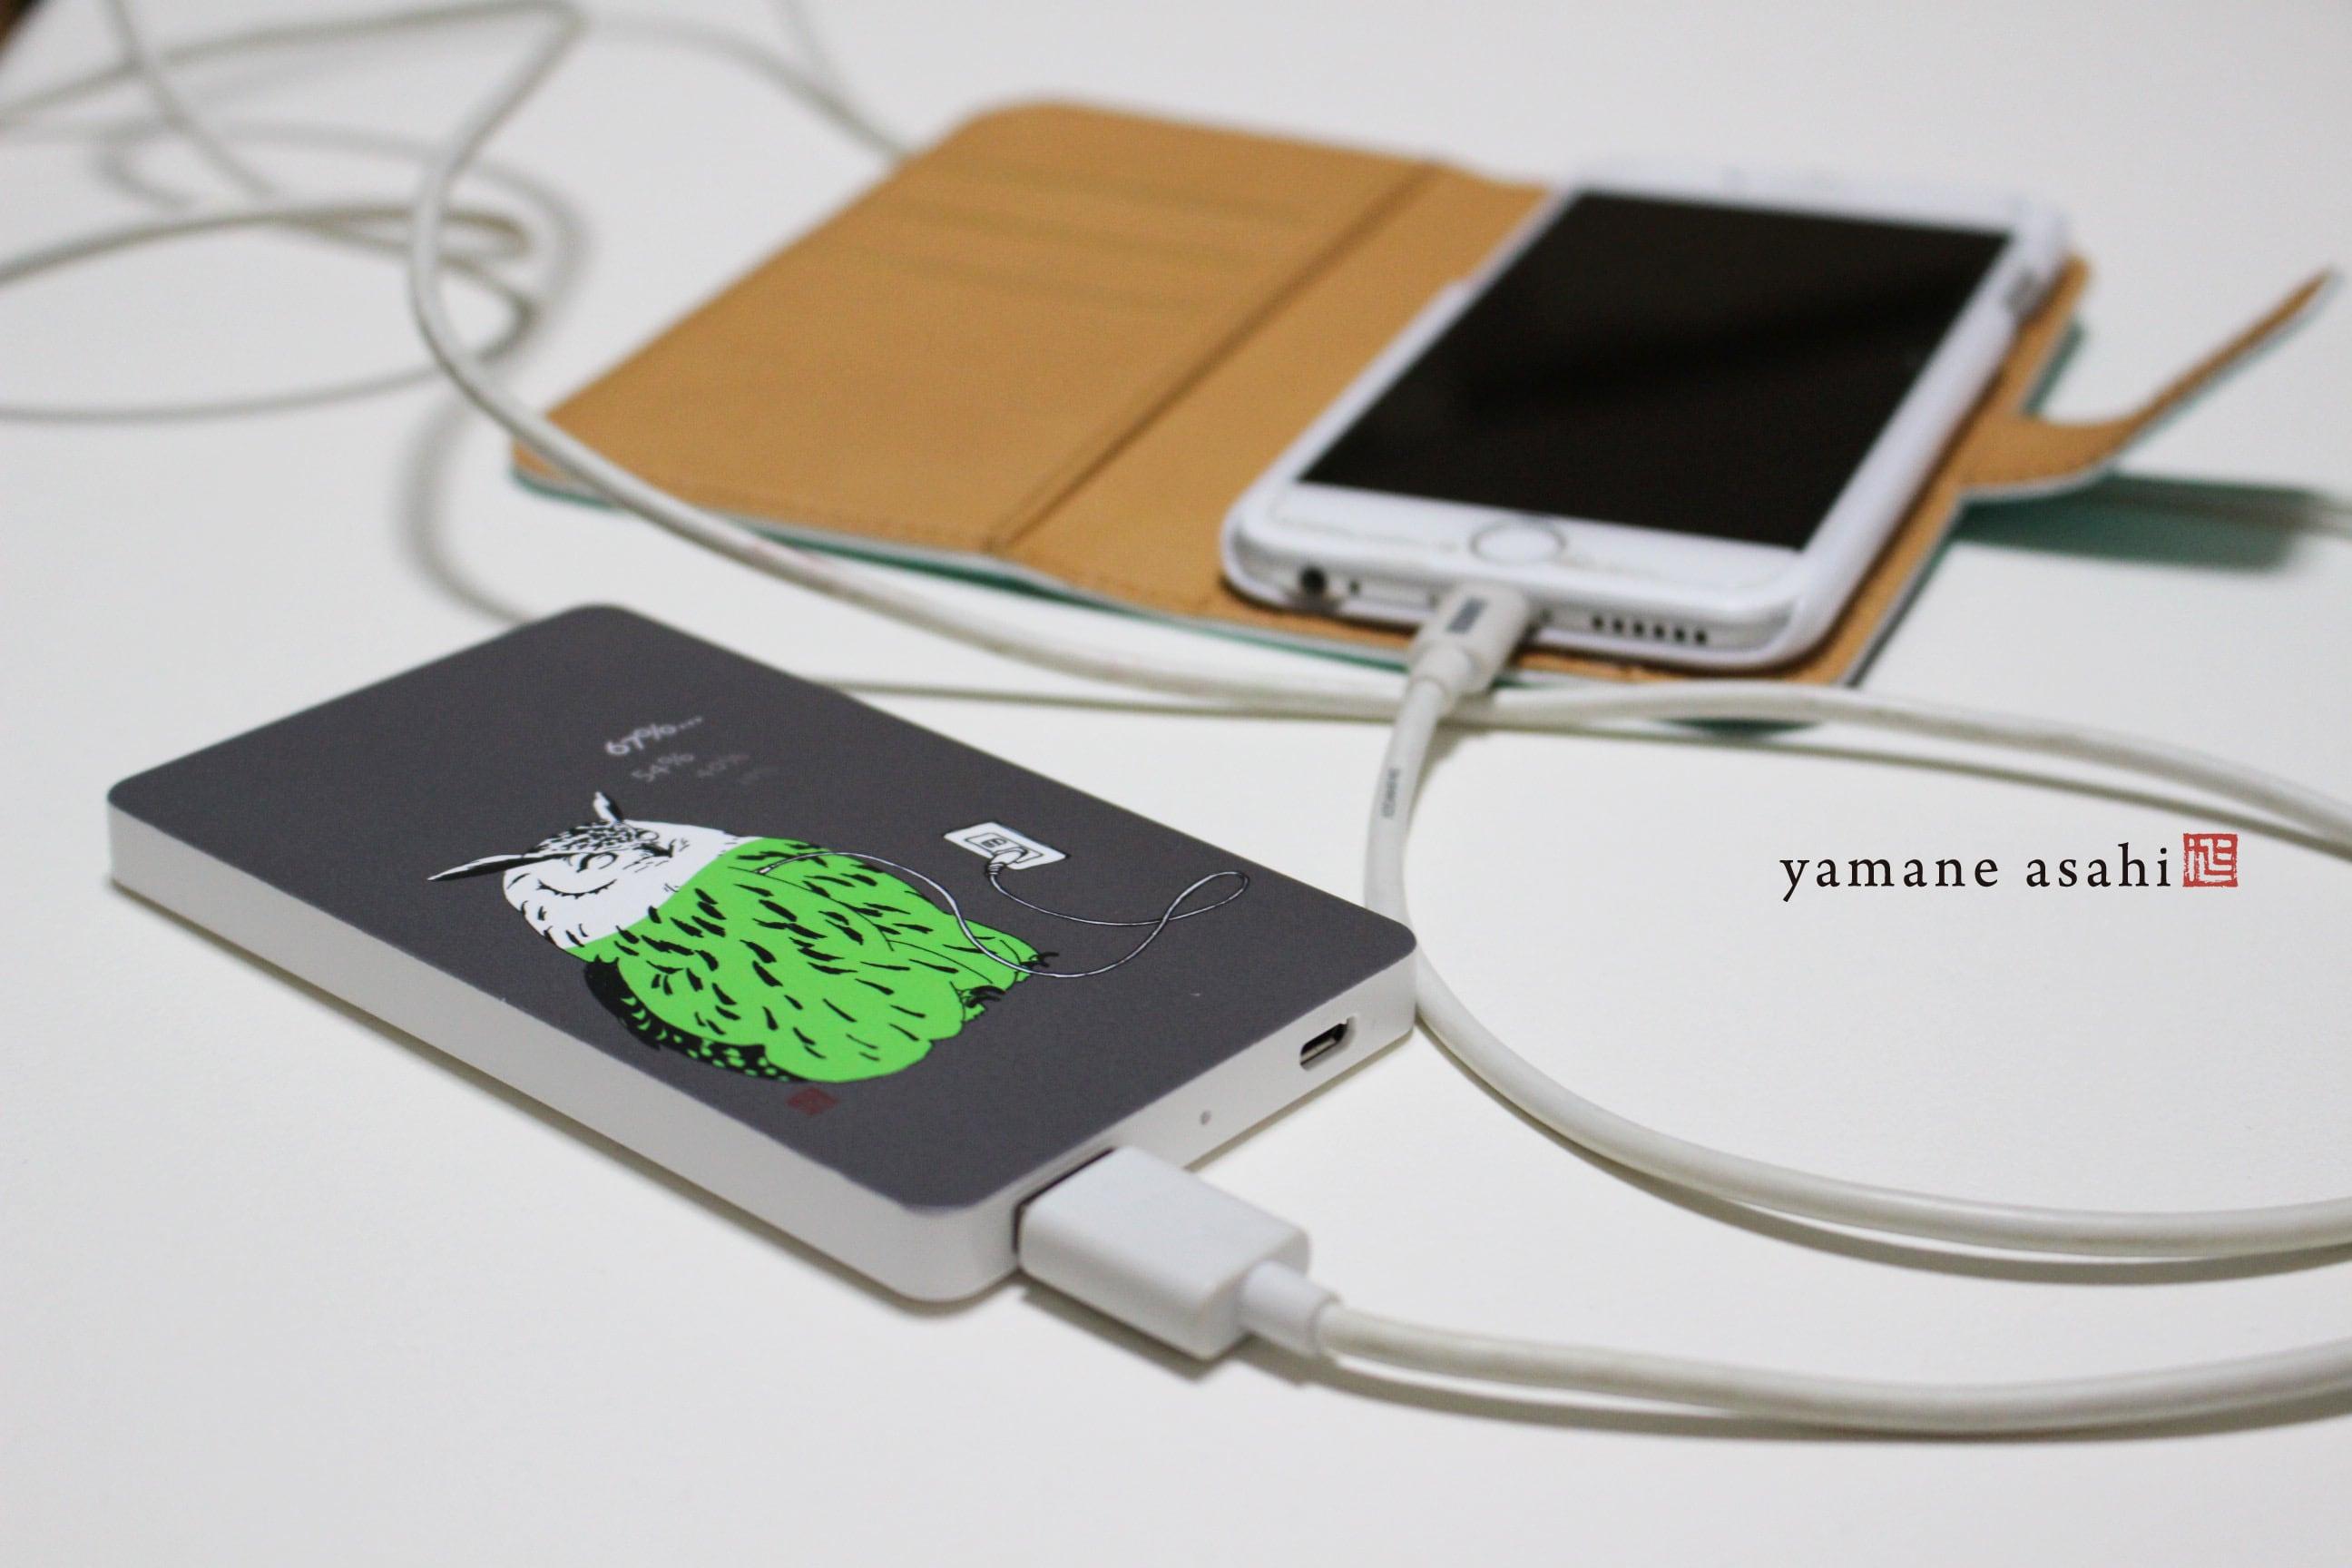 ユーラシアワシミミズクのモバイルバッテリー